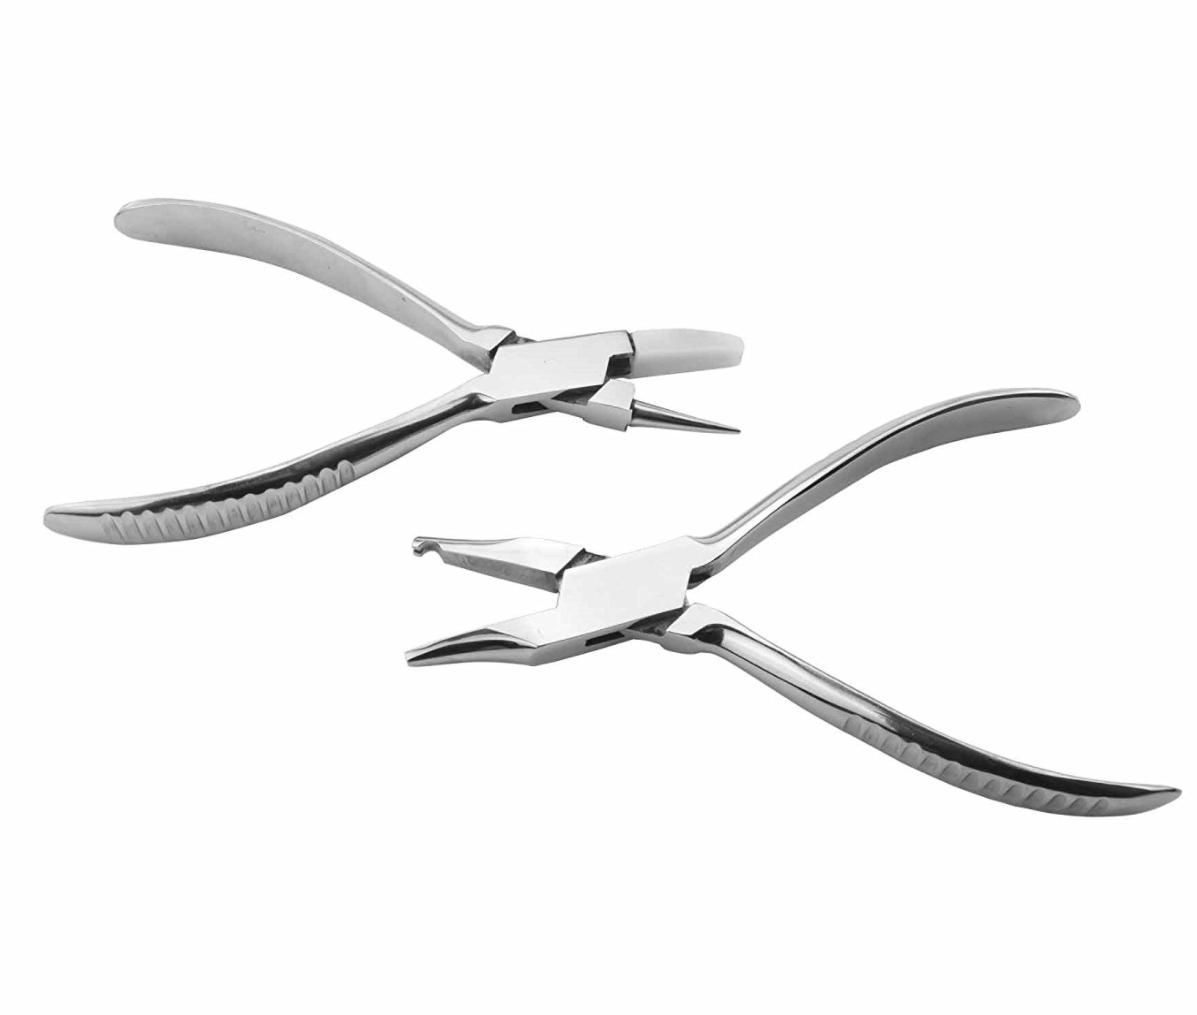 メガネ修理 工具 2点セット ヤットコ 修理 メンテナンス 工具 鼻パッド 調整 初心者向け